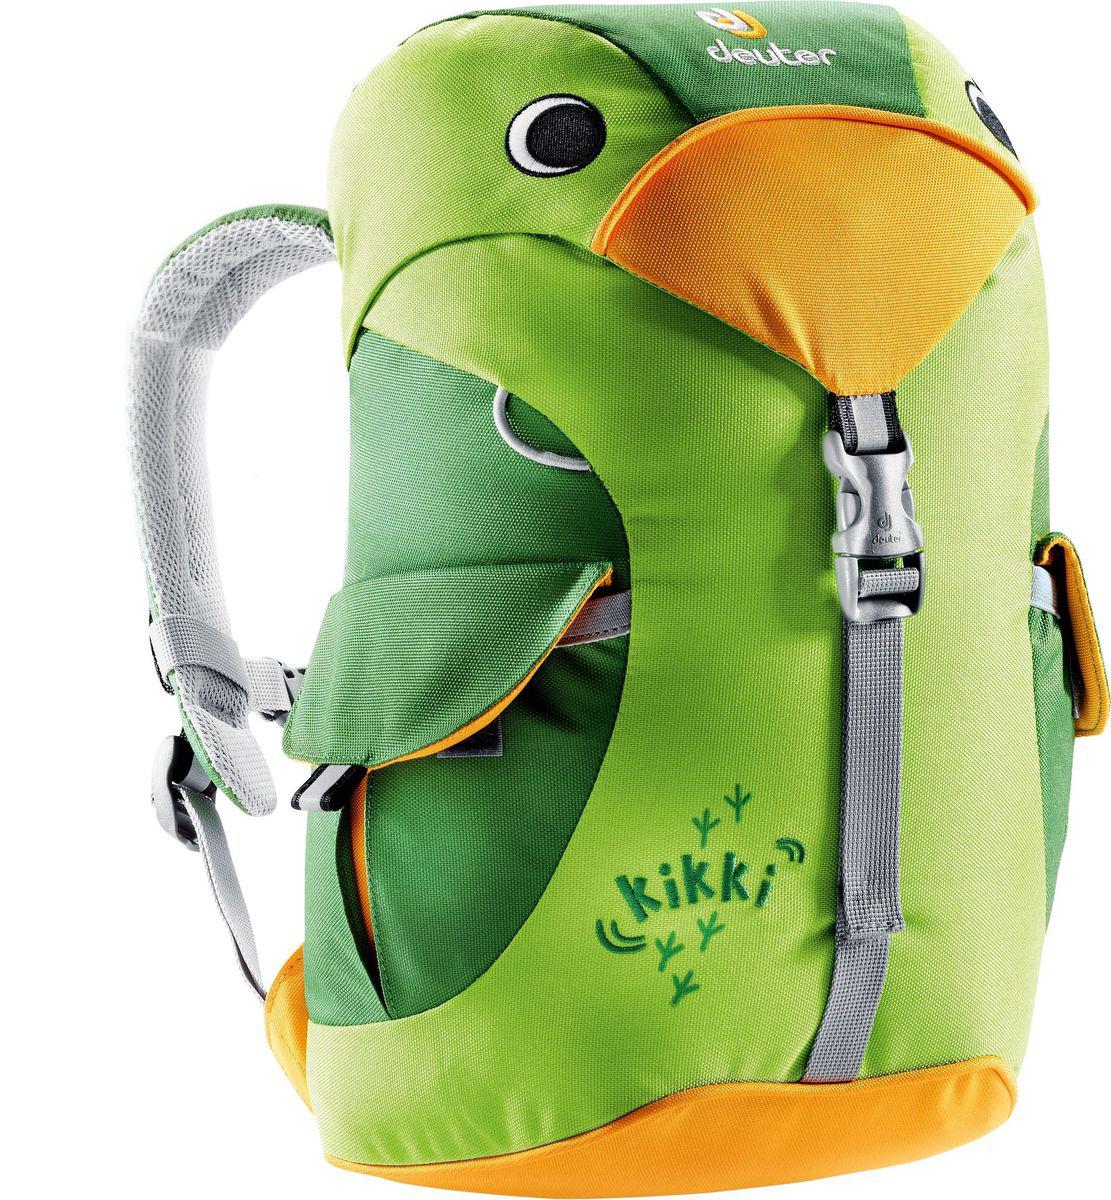 Рюкзак туристический Deuter Kikki, цвет: зеленый, 6 л36093_2206Этот рюкзак отлично подходит для малышей в детском саду или на прогулках. Рюкзачек веселый и заботливый, он изготовлен из экологичной ткани, отвечающей самым строгим стандартам. материал: Deuter-Super-Polytex BS обьем: 6л грудной ремень внутри есть именная бирка есть два наружных кармана с застежками светоотражающие елементы спереди и по бокам просторное основное отделение Характеристики: Размер: 35x20x16 см Вес: 340 г